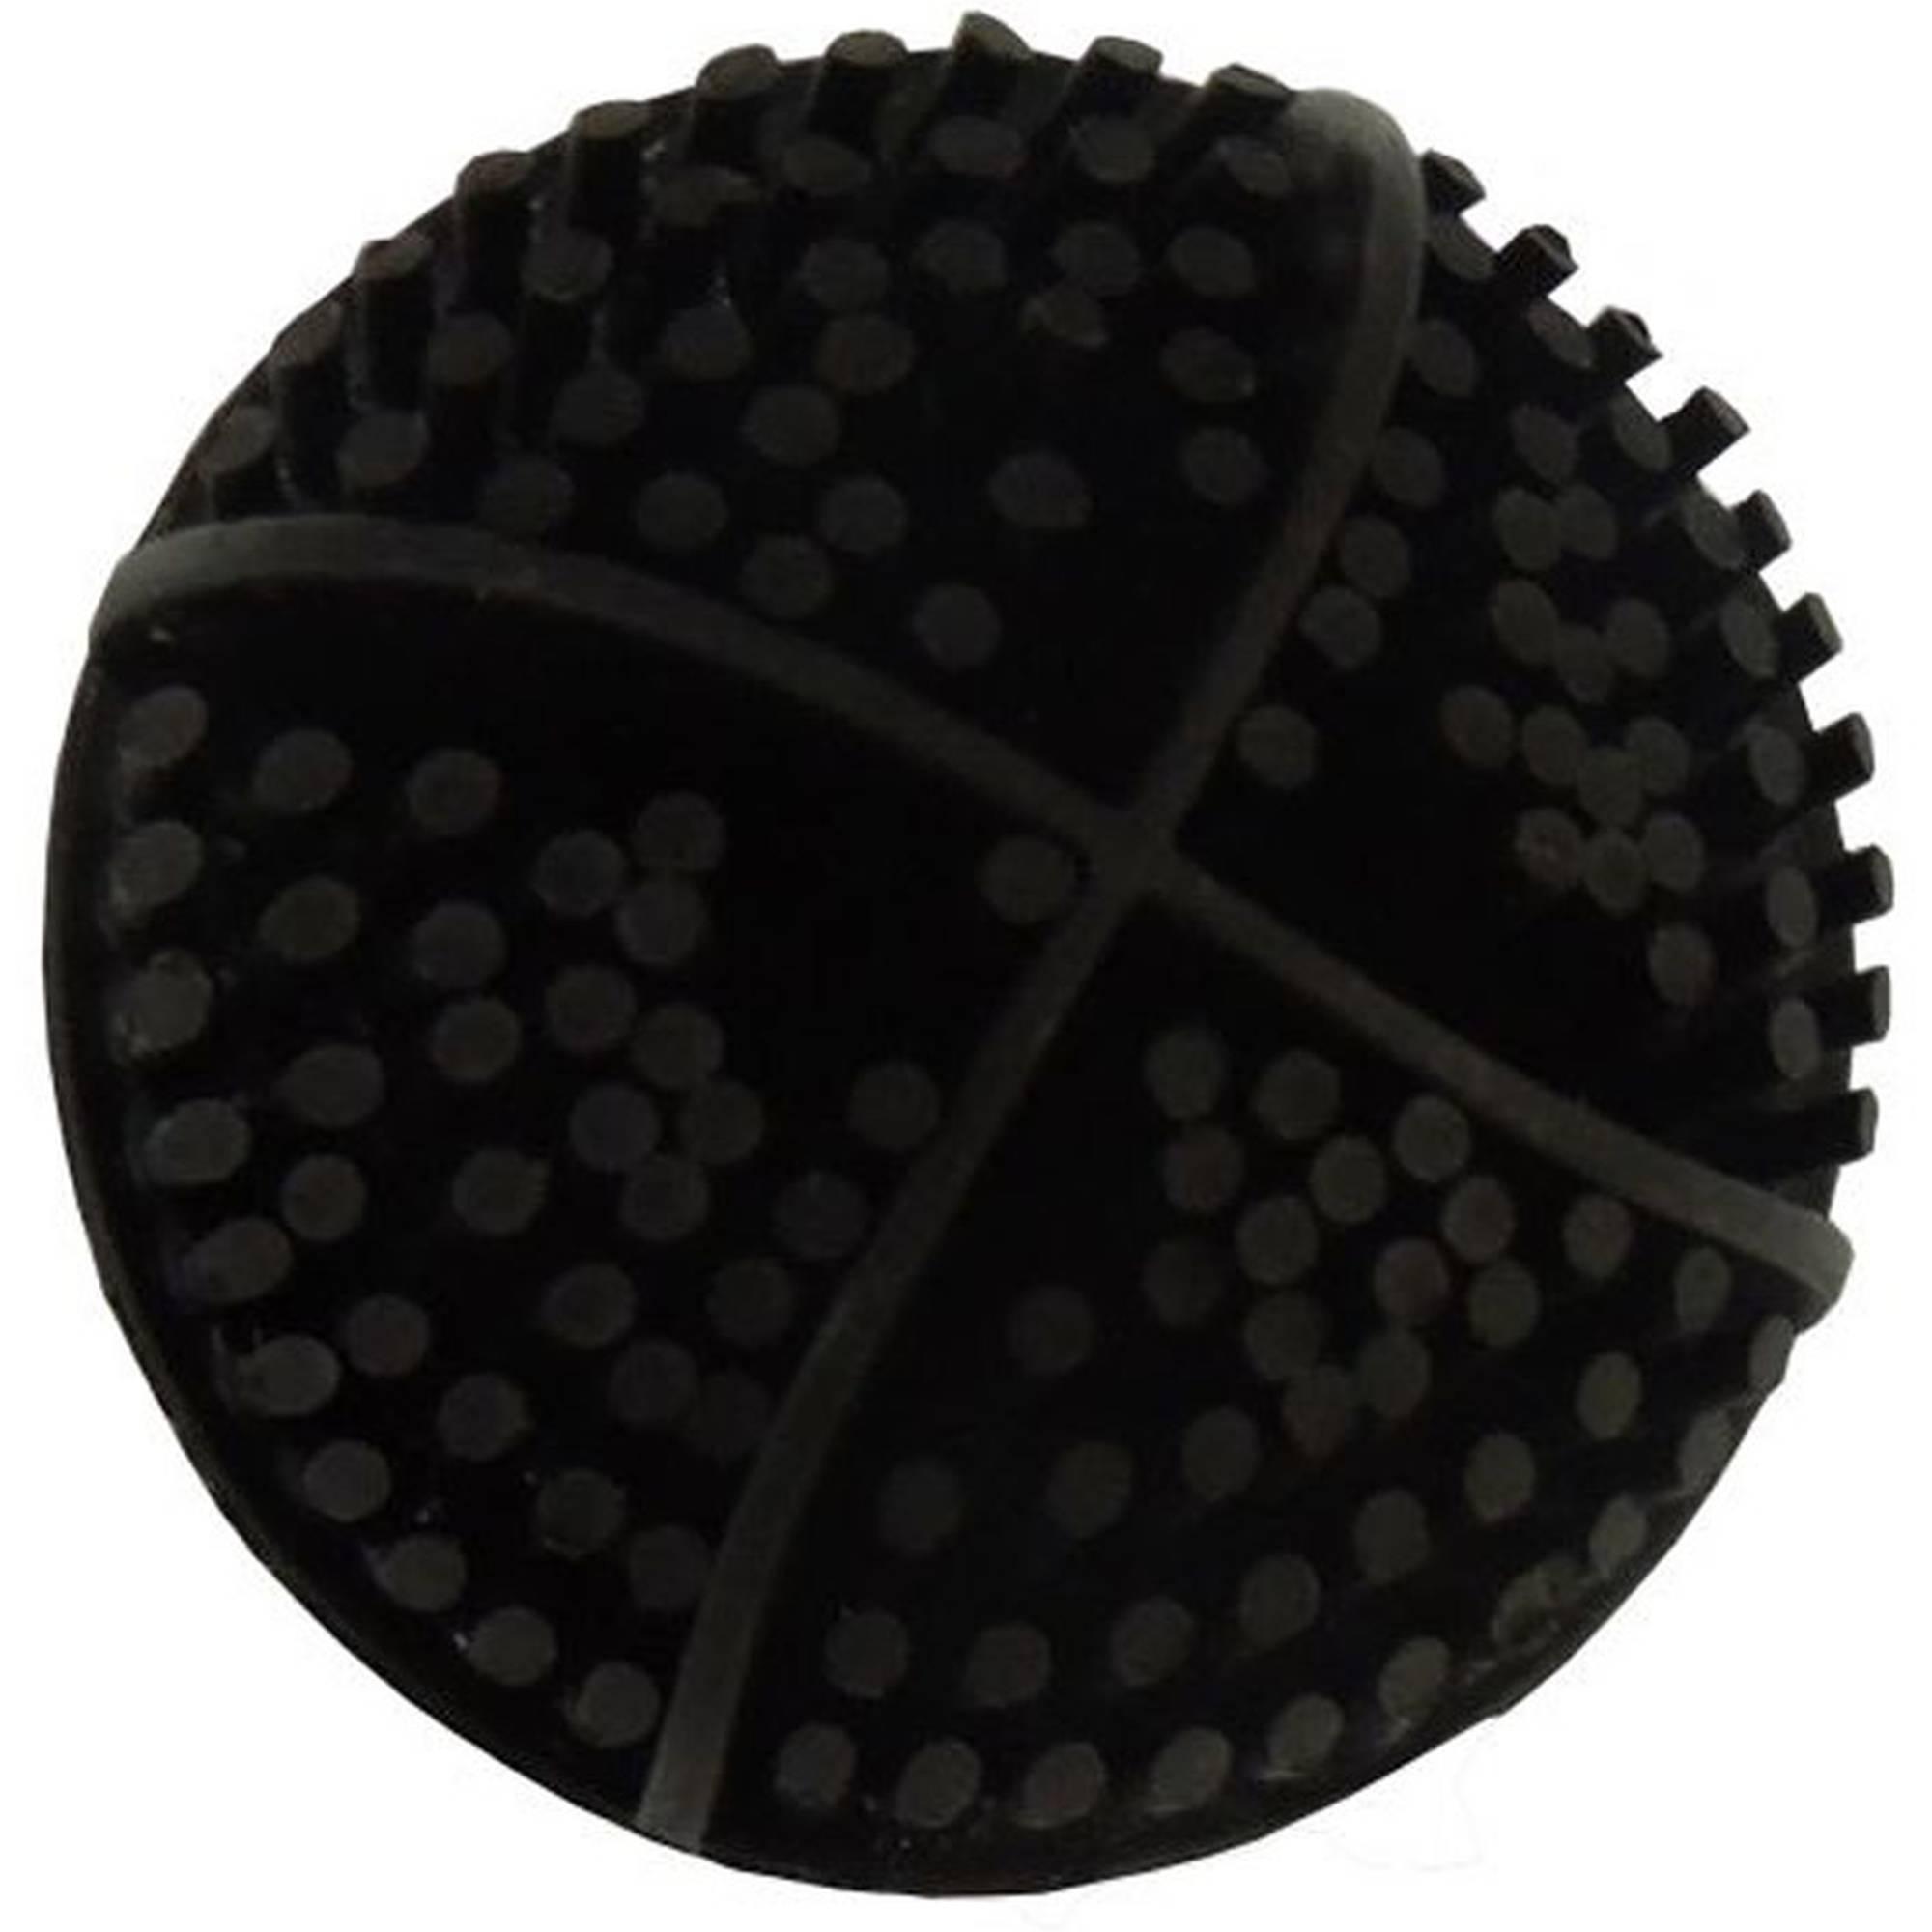 Biokugel, 1 Stück f. F330-F340